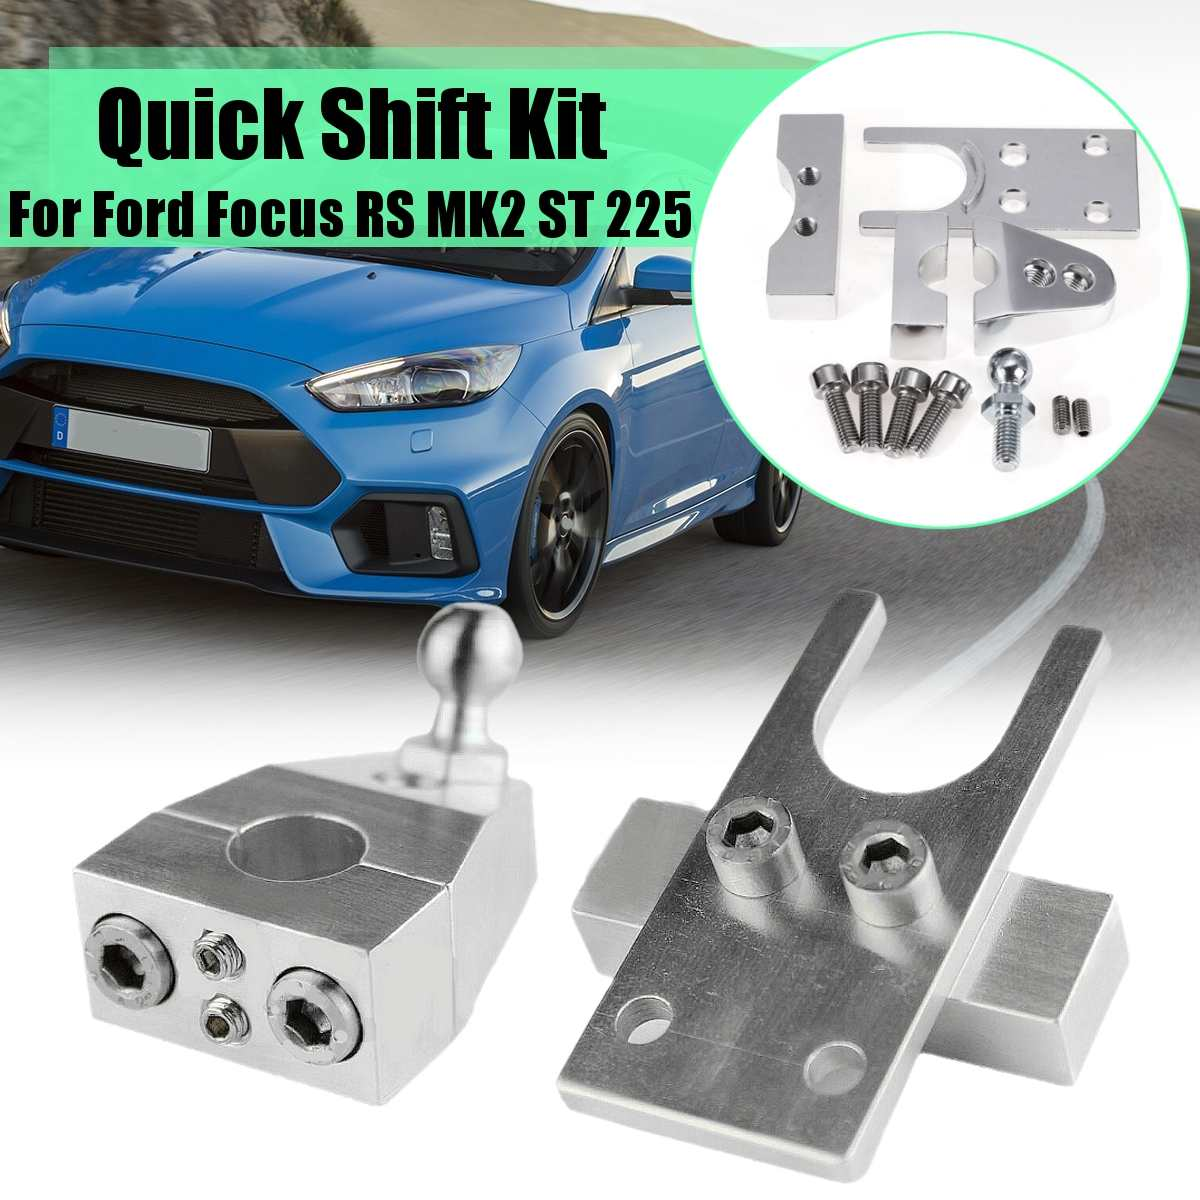 1 مجموعة سيارة الخام الفولاذ المقاوم للصدأ Quickshift سباق رالي سريعة التحول لفورد التركيز RS MK2 ST 225 es70150 اكسسوارات